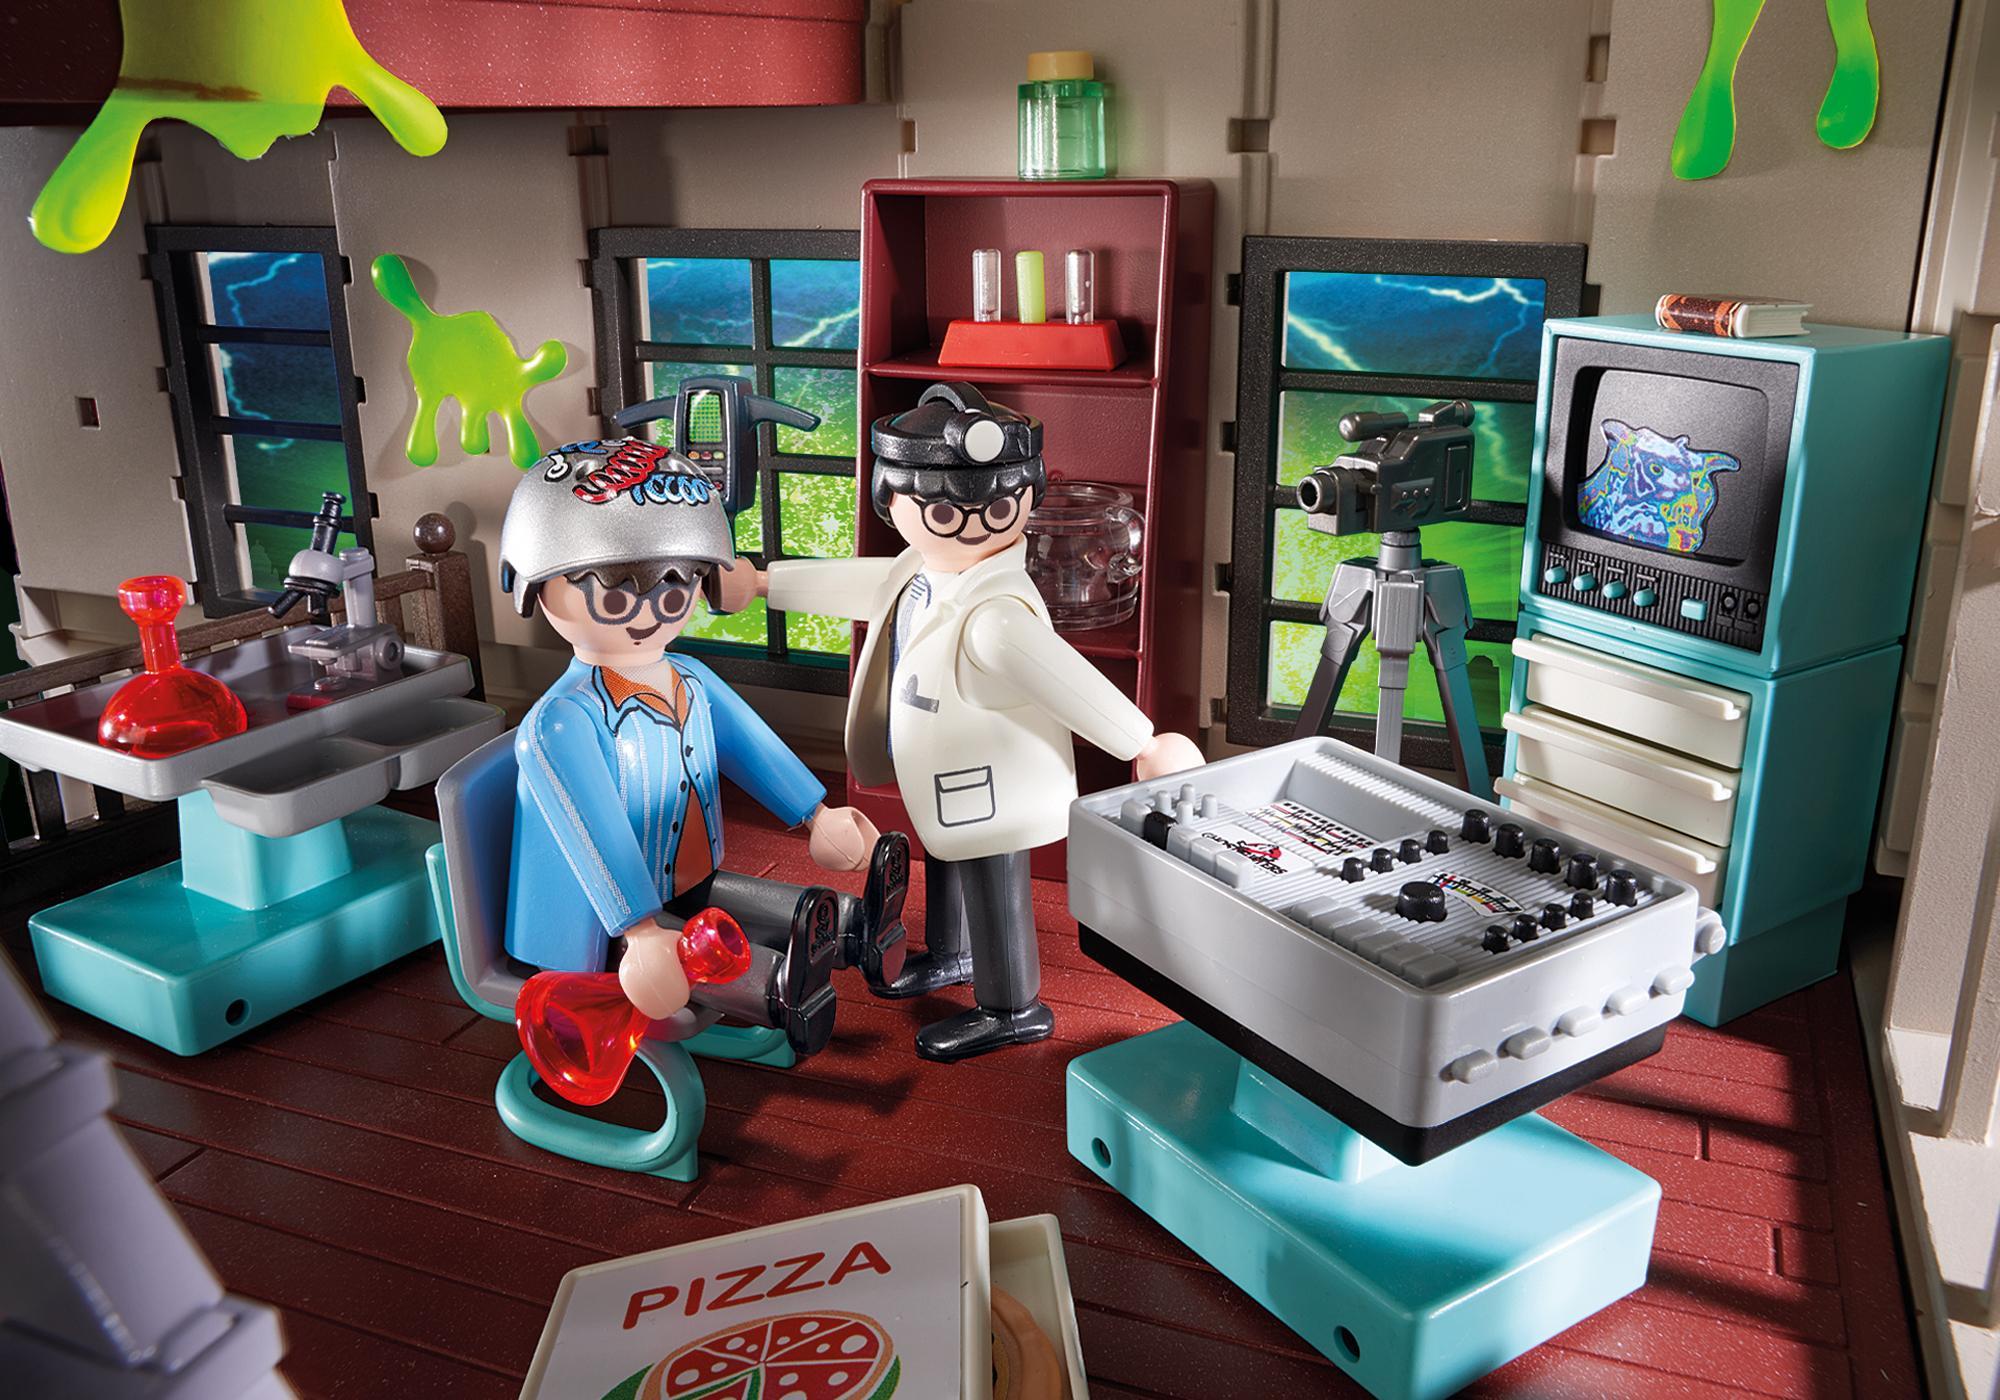 http://media.playmobil.com/i/playmobil/9219_product_extra1/Quartel de Bombeiros Ghostbusters™